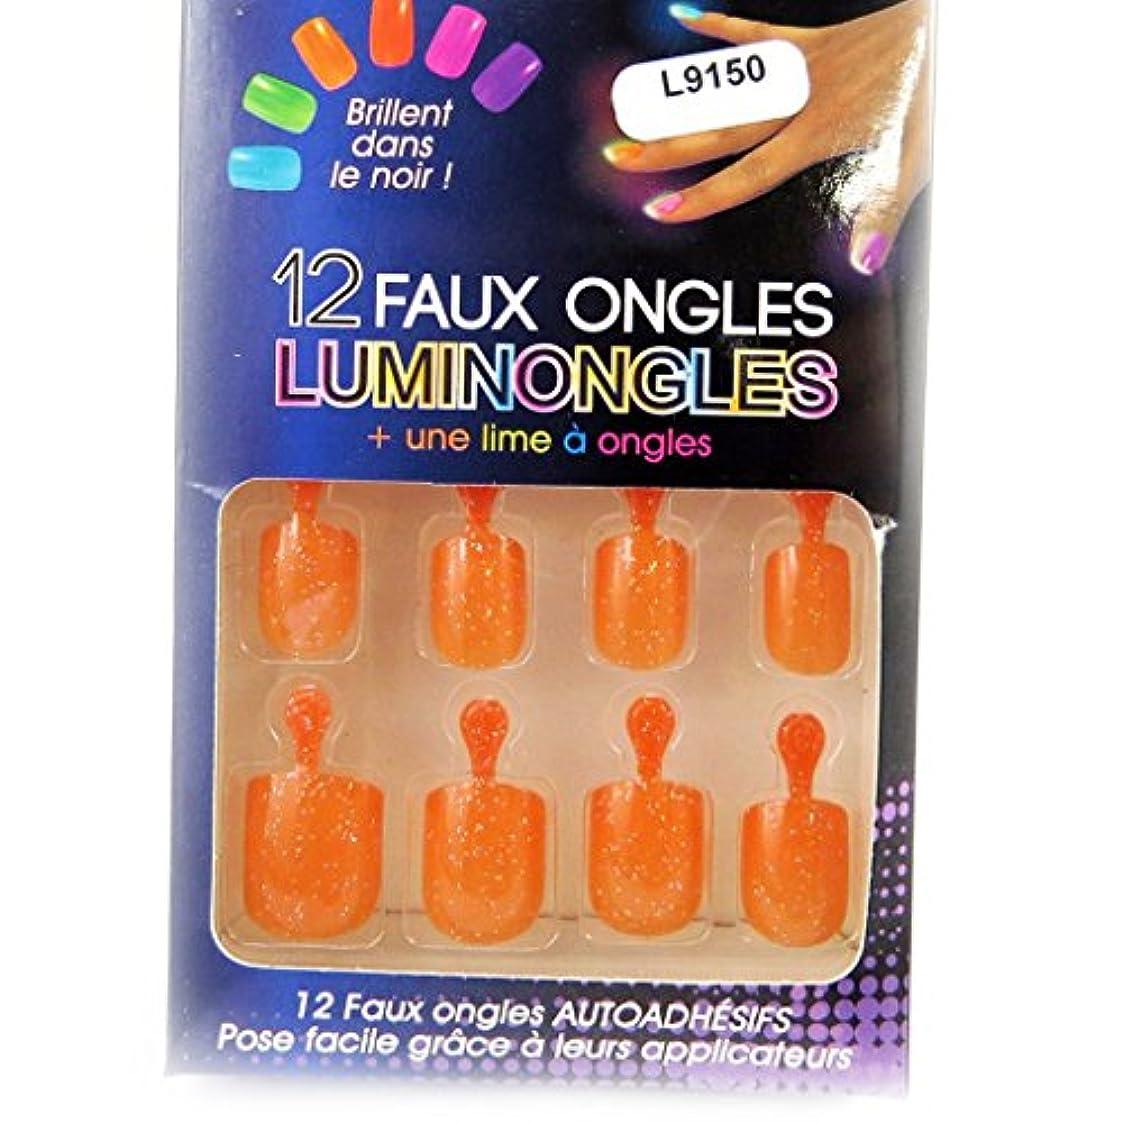 急降下提供された寄り添う[リリーの宝 (Les Tresors De Lily)] (Luminongles コレクション) [L9150] アクリルスカルプチュア オレンジ